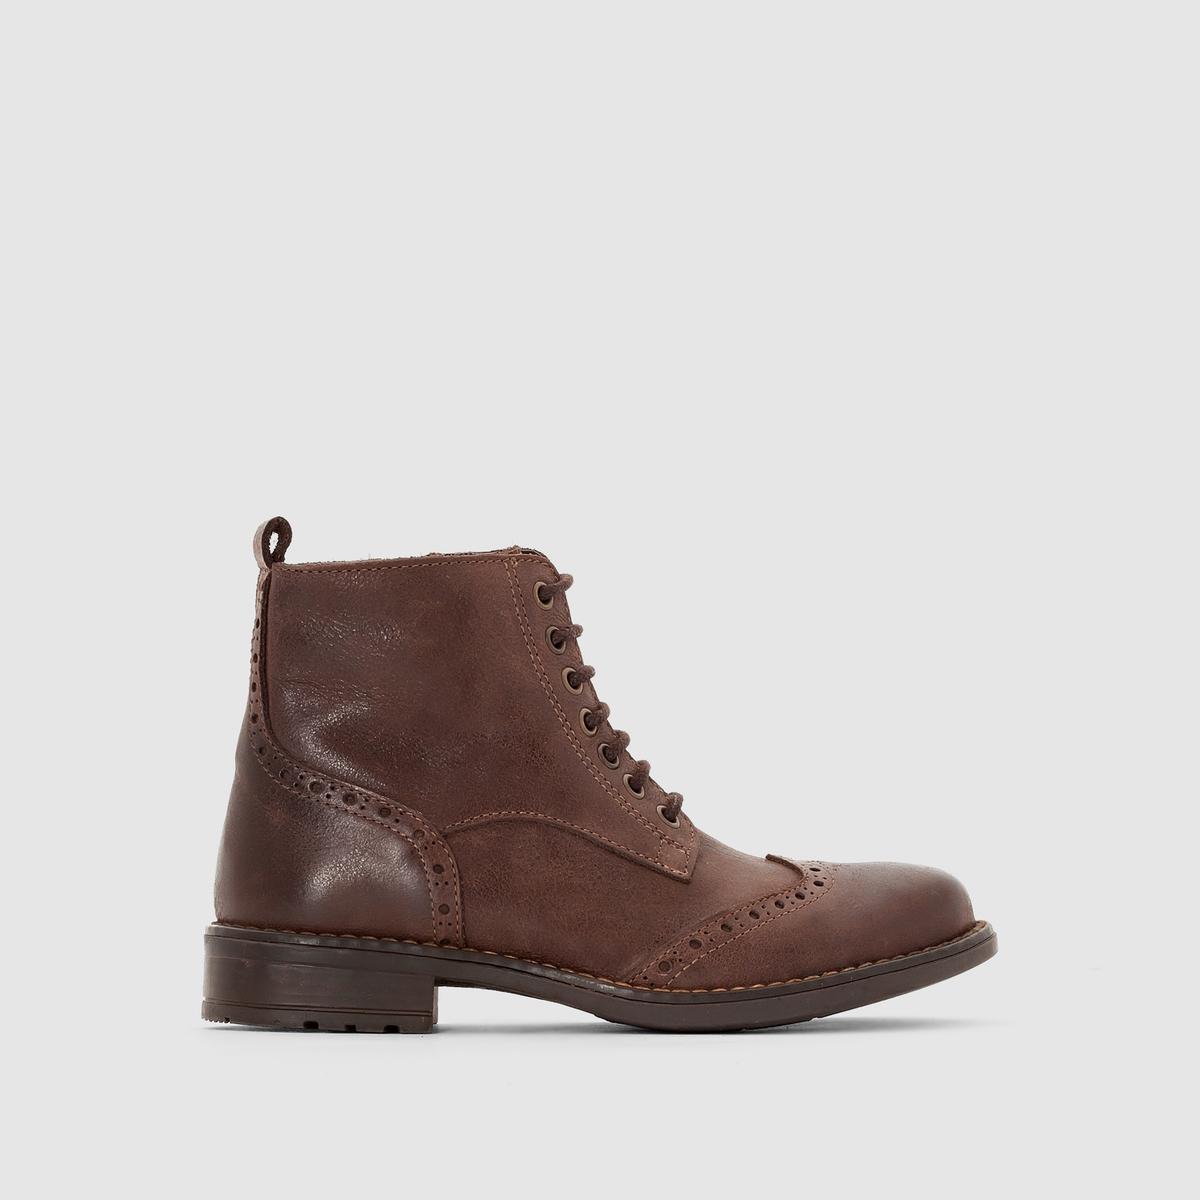 Ботинки из патинированной кожиПерфорированный мысок, красивая патинированная кожа, изысканный городской стиль : ботинки в современном и ретро-стиле, которые понравятся нашим детям !<br><br>Цвет: темно-бежевый<br>Размер: 36.26.28